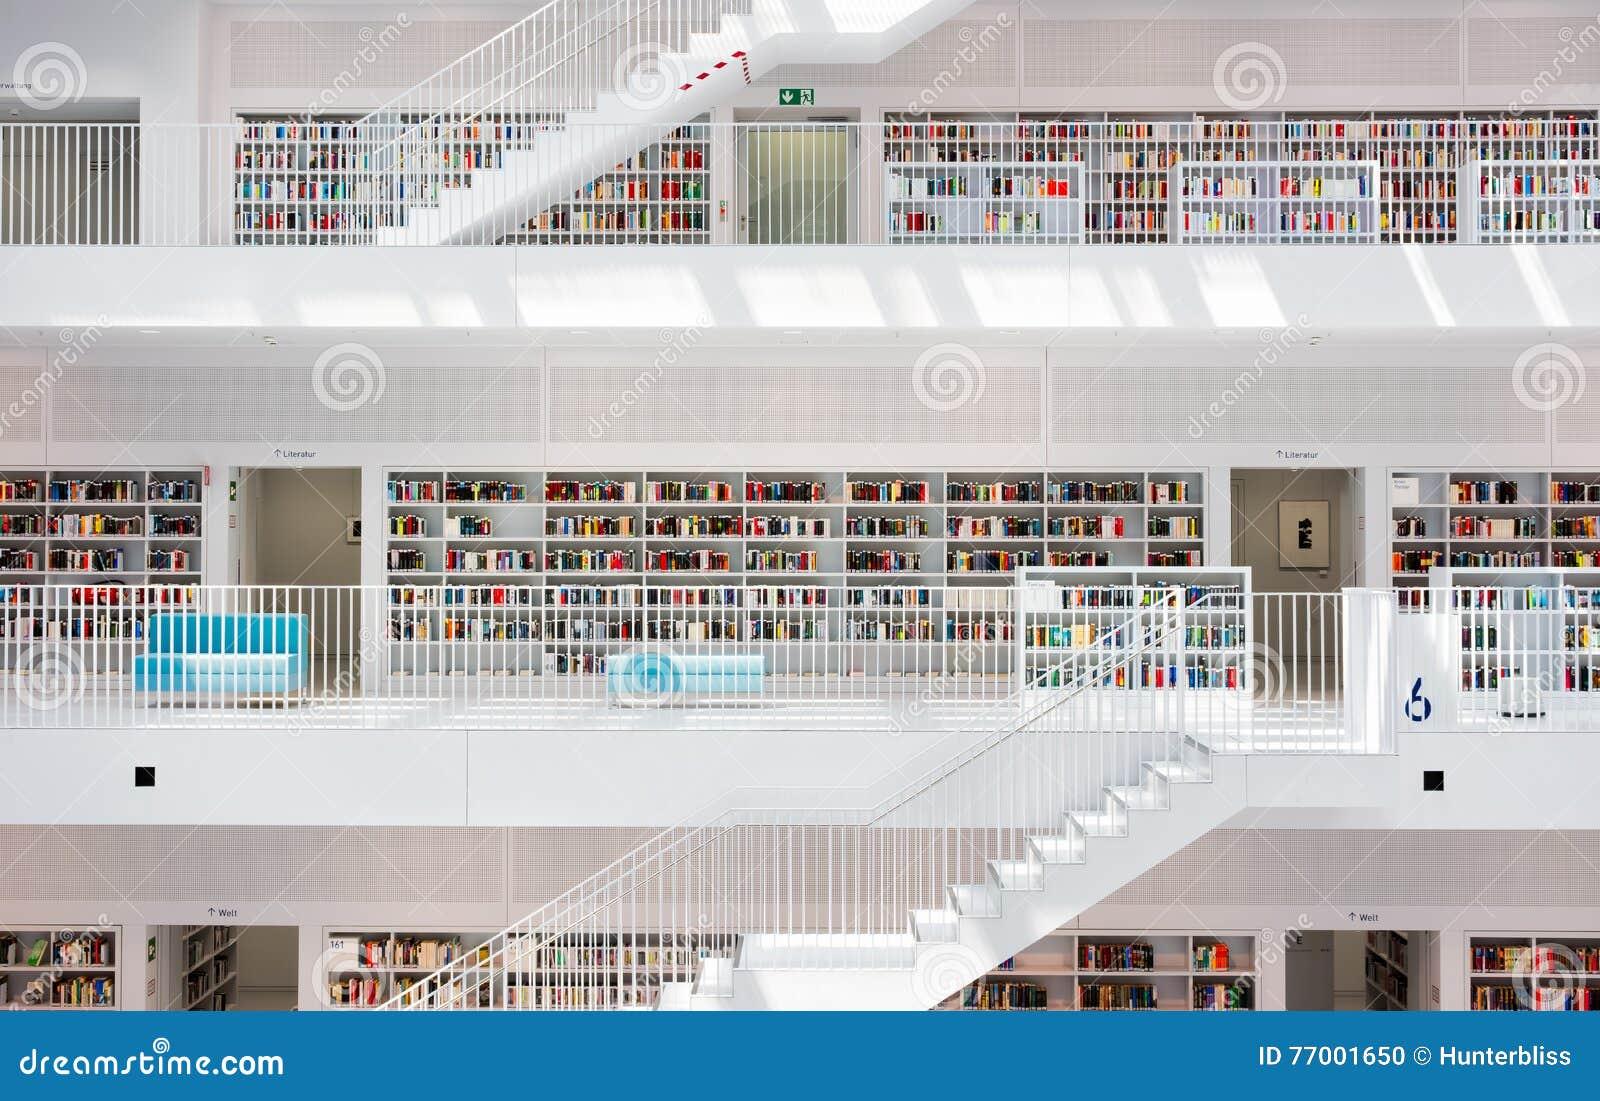 Faszinierend Innenarchitektur Stuttgart Beste Wahl Pattern Moderne Geometrische Innenarchitektur-stuttgart-stadt-bibliothek Deutschland Redaktionelles Bild